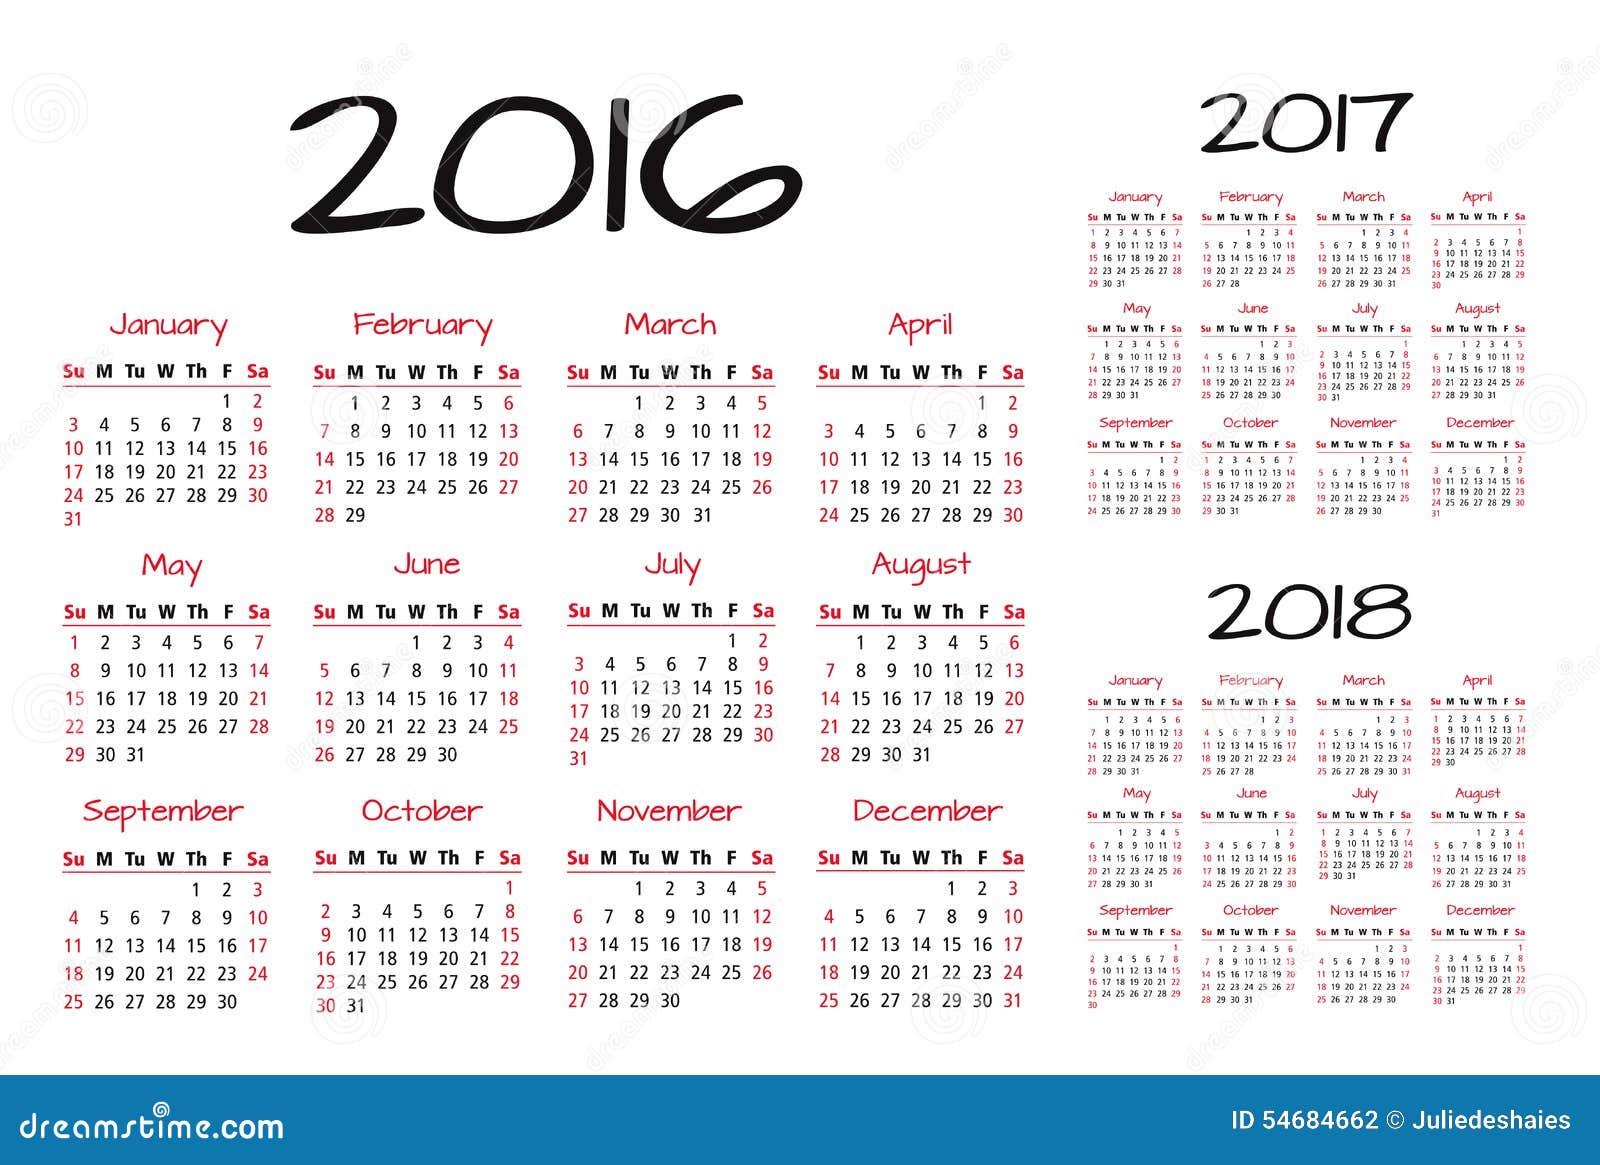 ... Calendario 2016-2017-2018 Ilustración del Vector - Imagen: 54684662